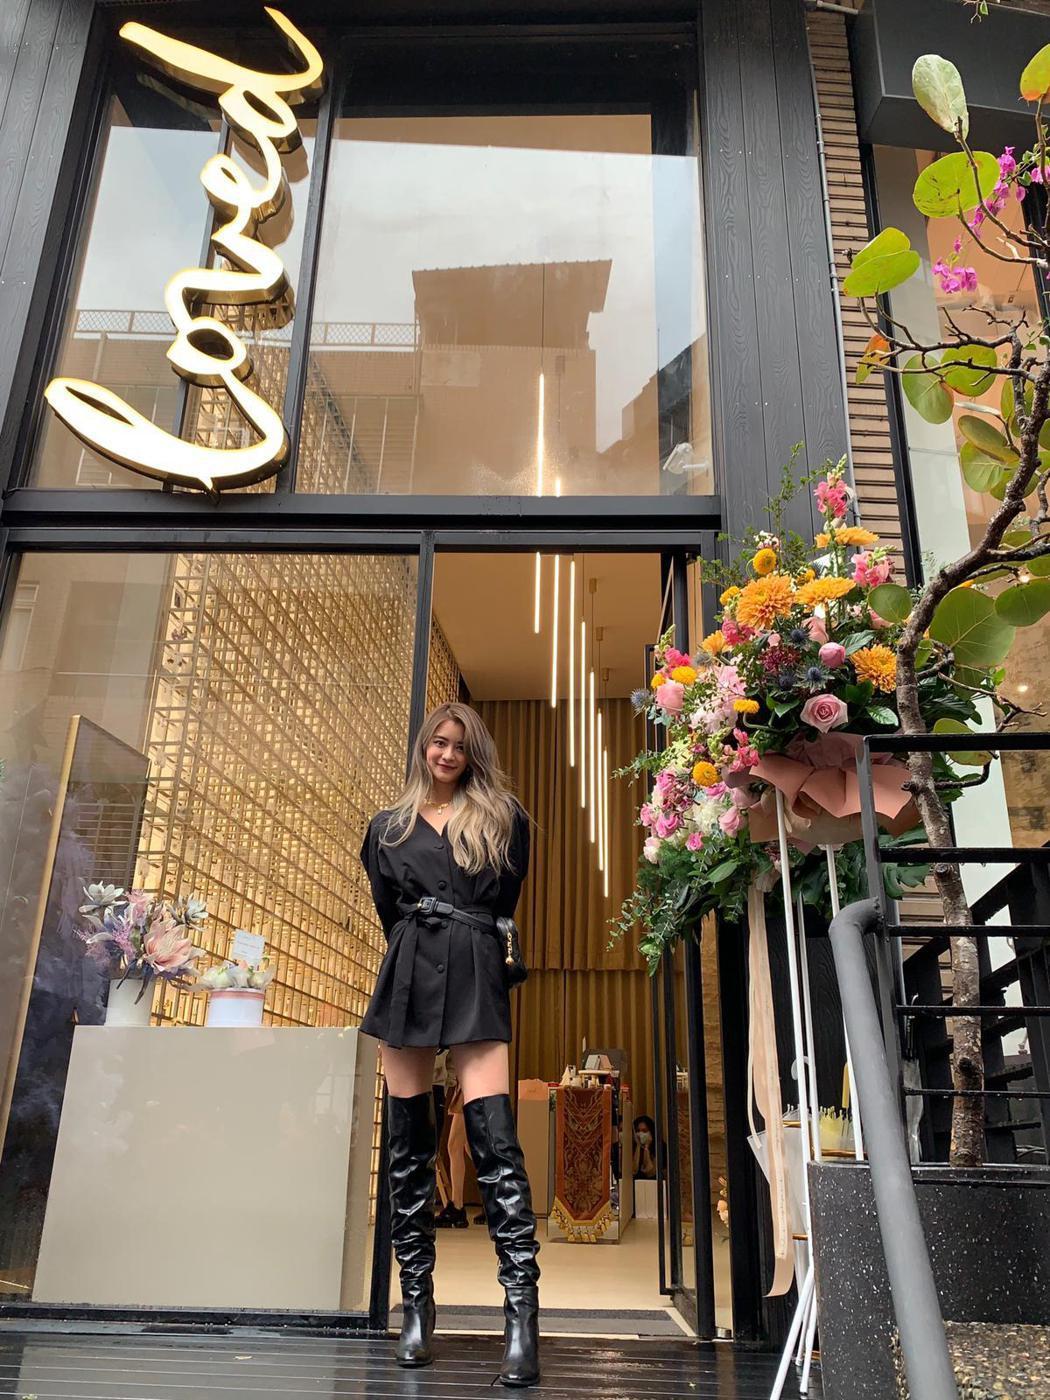 林珈安經營飾品品牌有成,砸500萬打造實體旗艦店。圖/凹凹凸凸娛樂工作室提供